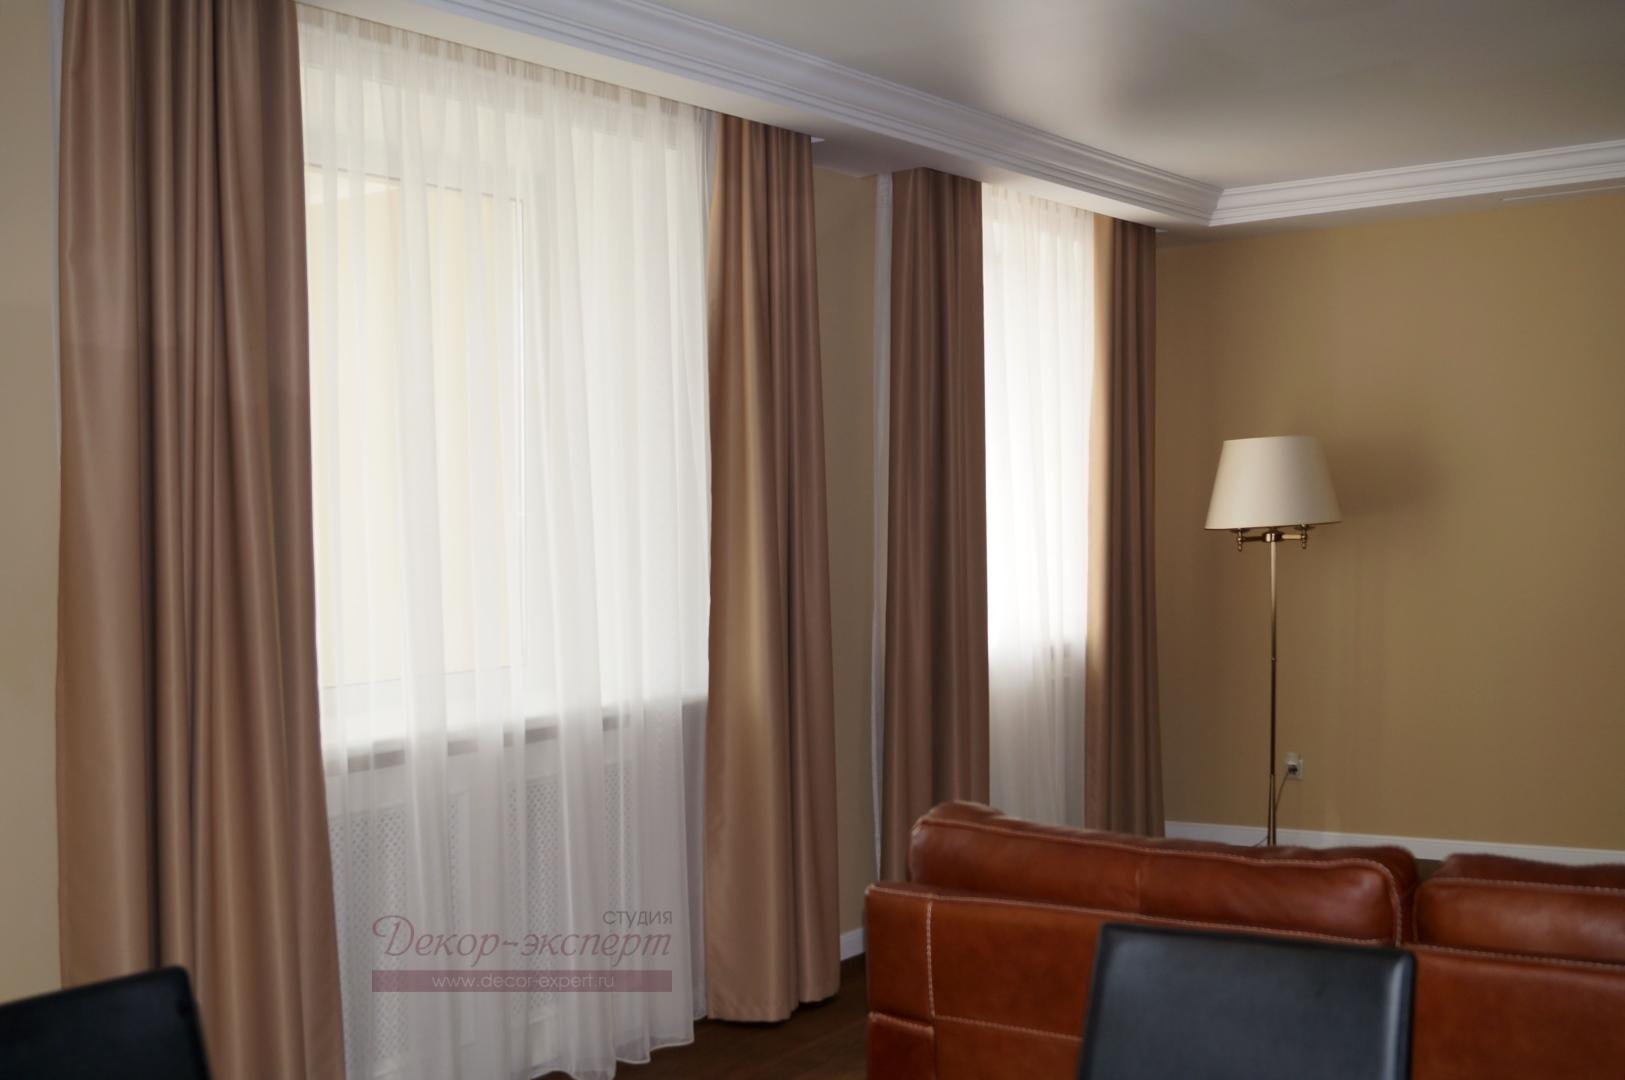 Шторы для гостиной из ткани BlackOut в потолочной нише с другого ракурса.